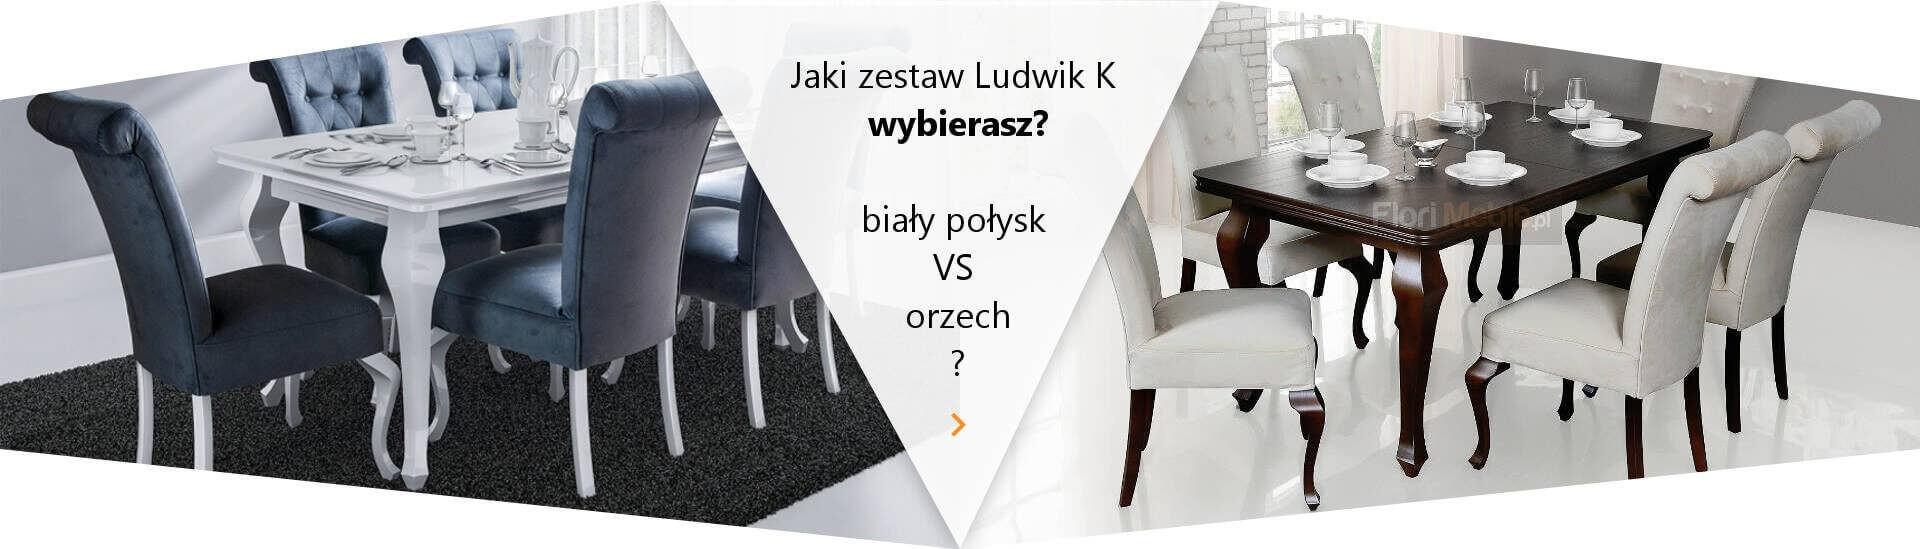 Zestaw Ludwik K